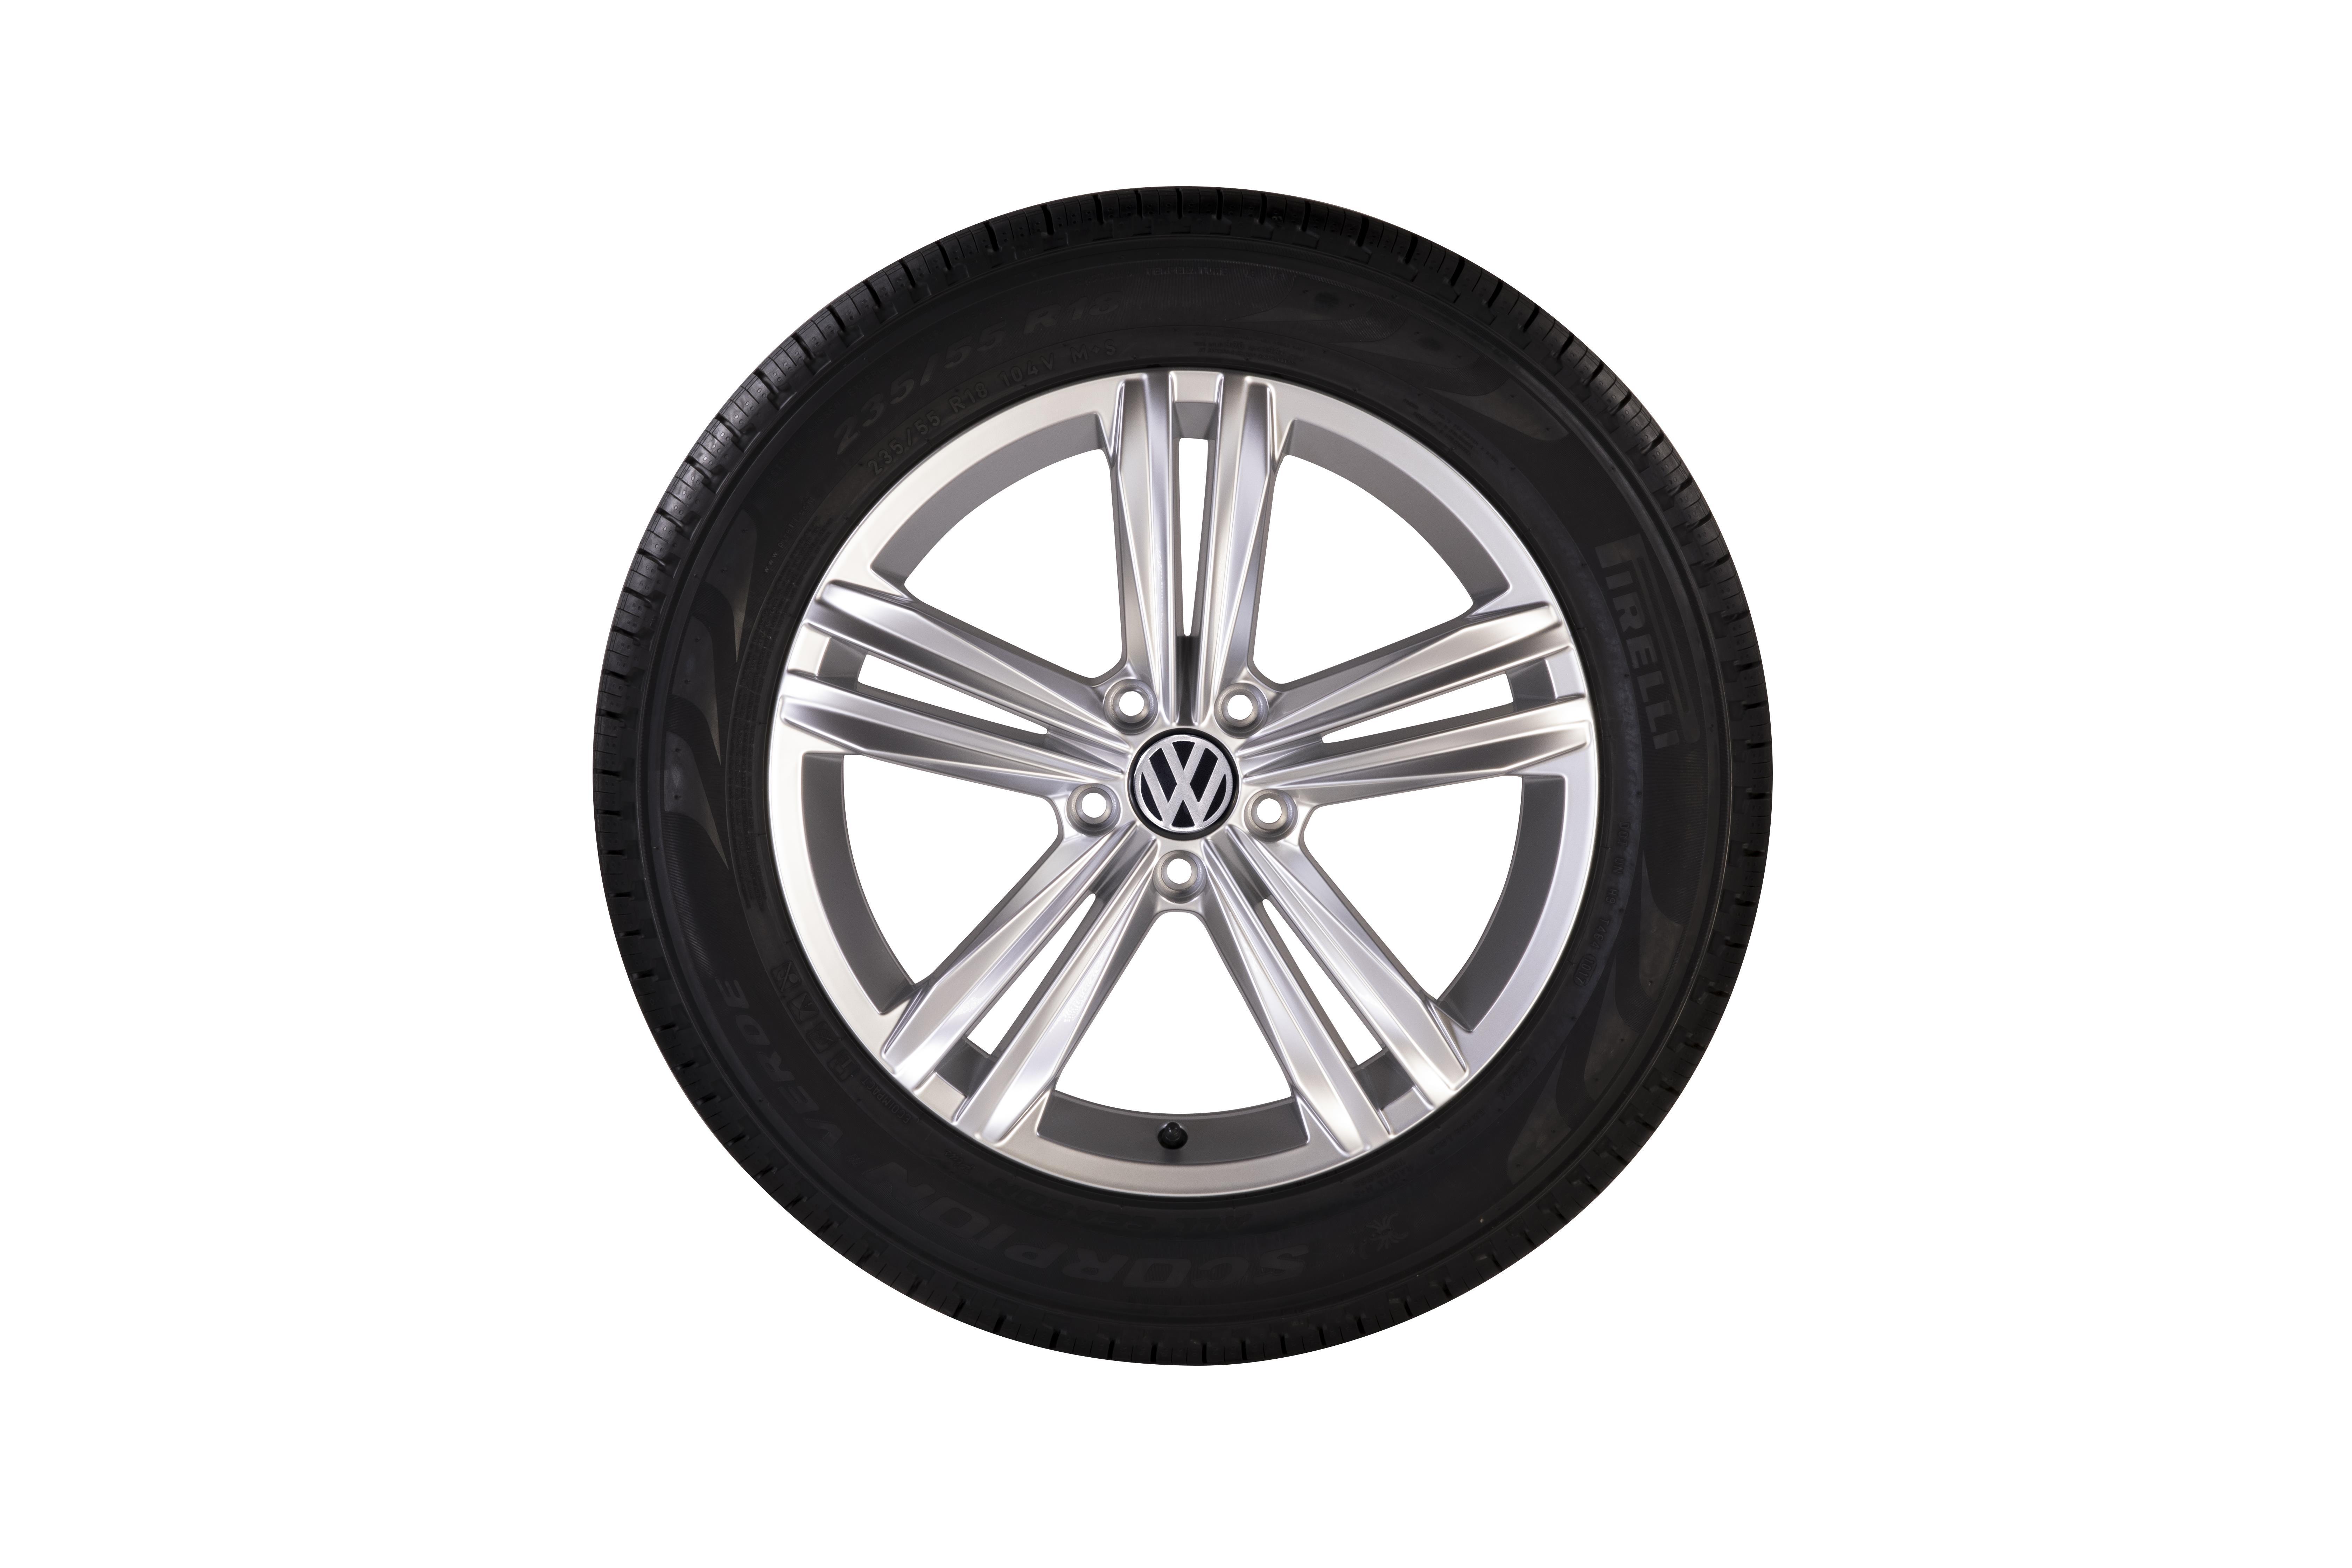 chrome ebay oem golf set audi tt new volkswagen rims jetta wheels itm factory of